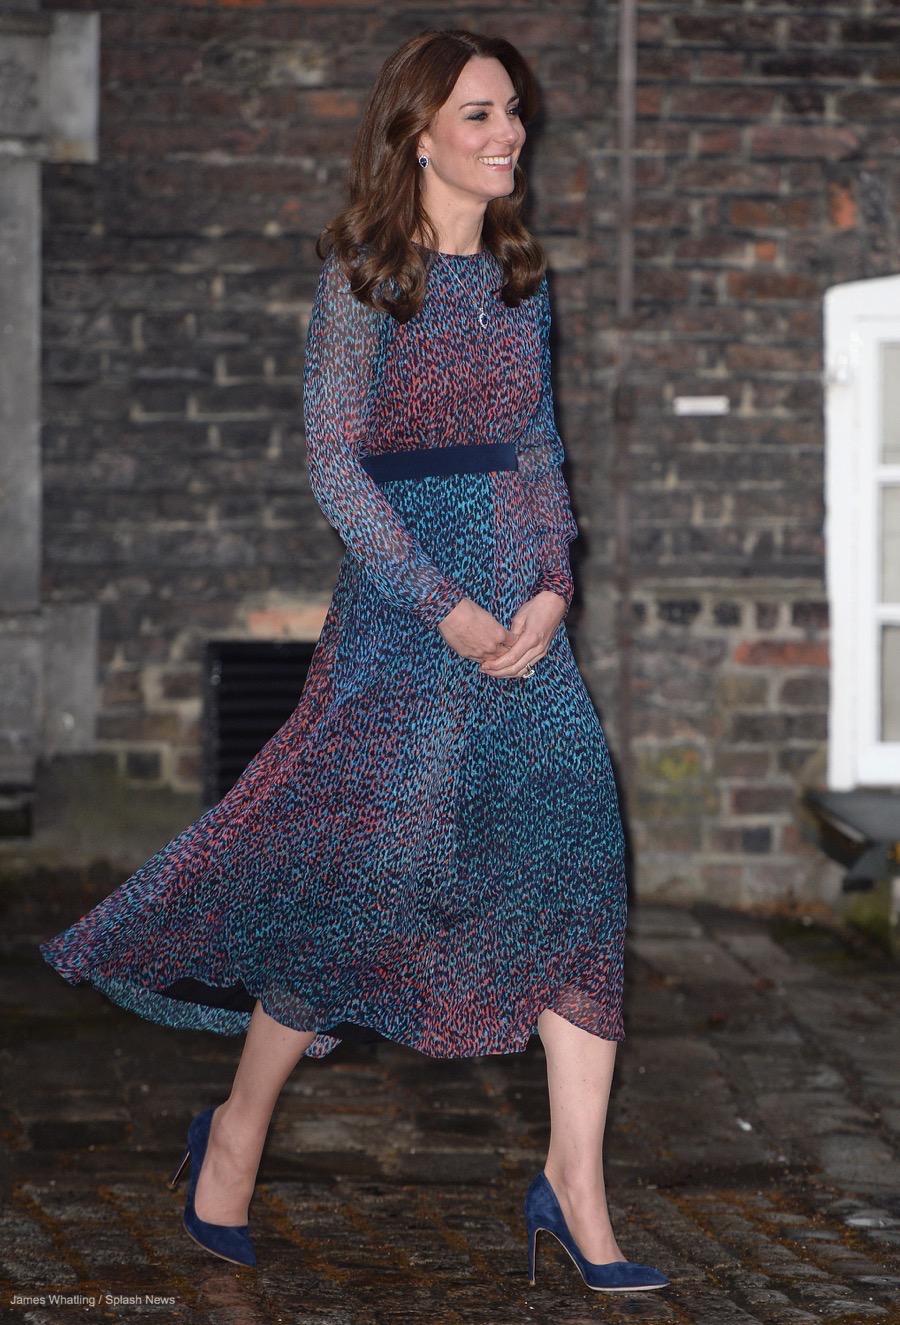 Kate Middleton wearing the L.K. Bennett Addison Dress